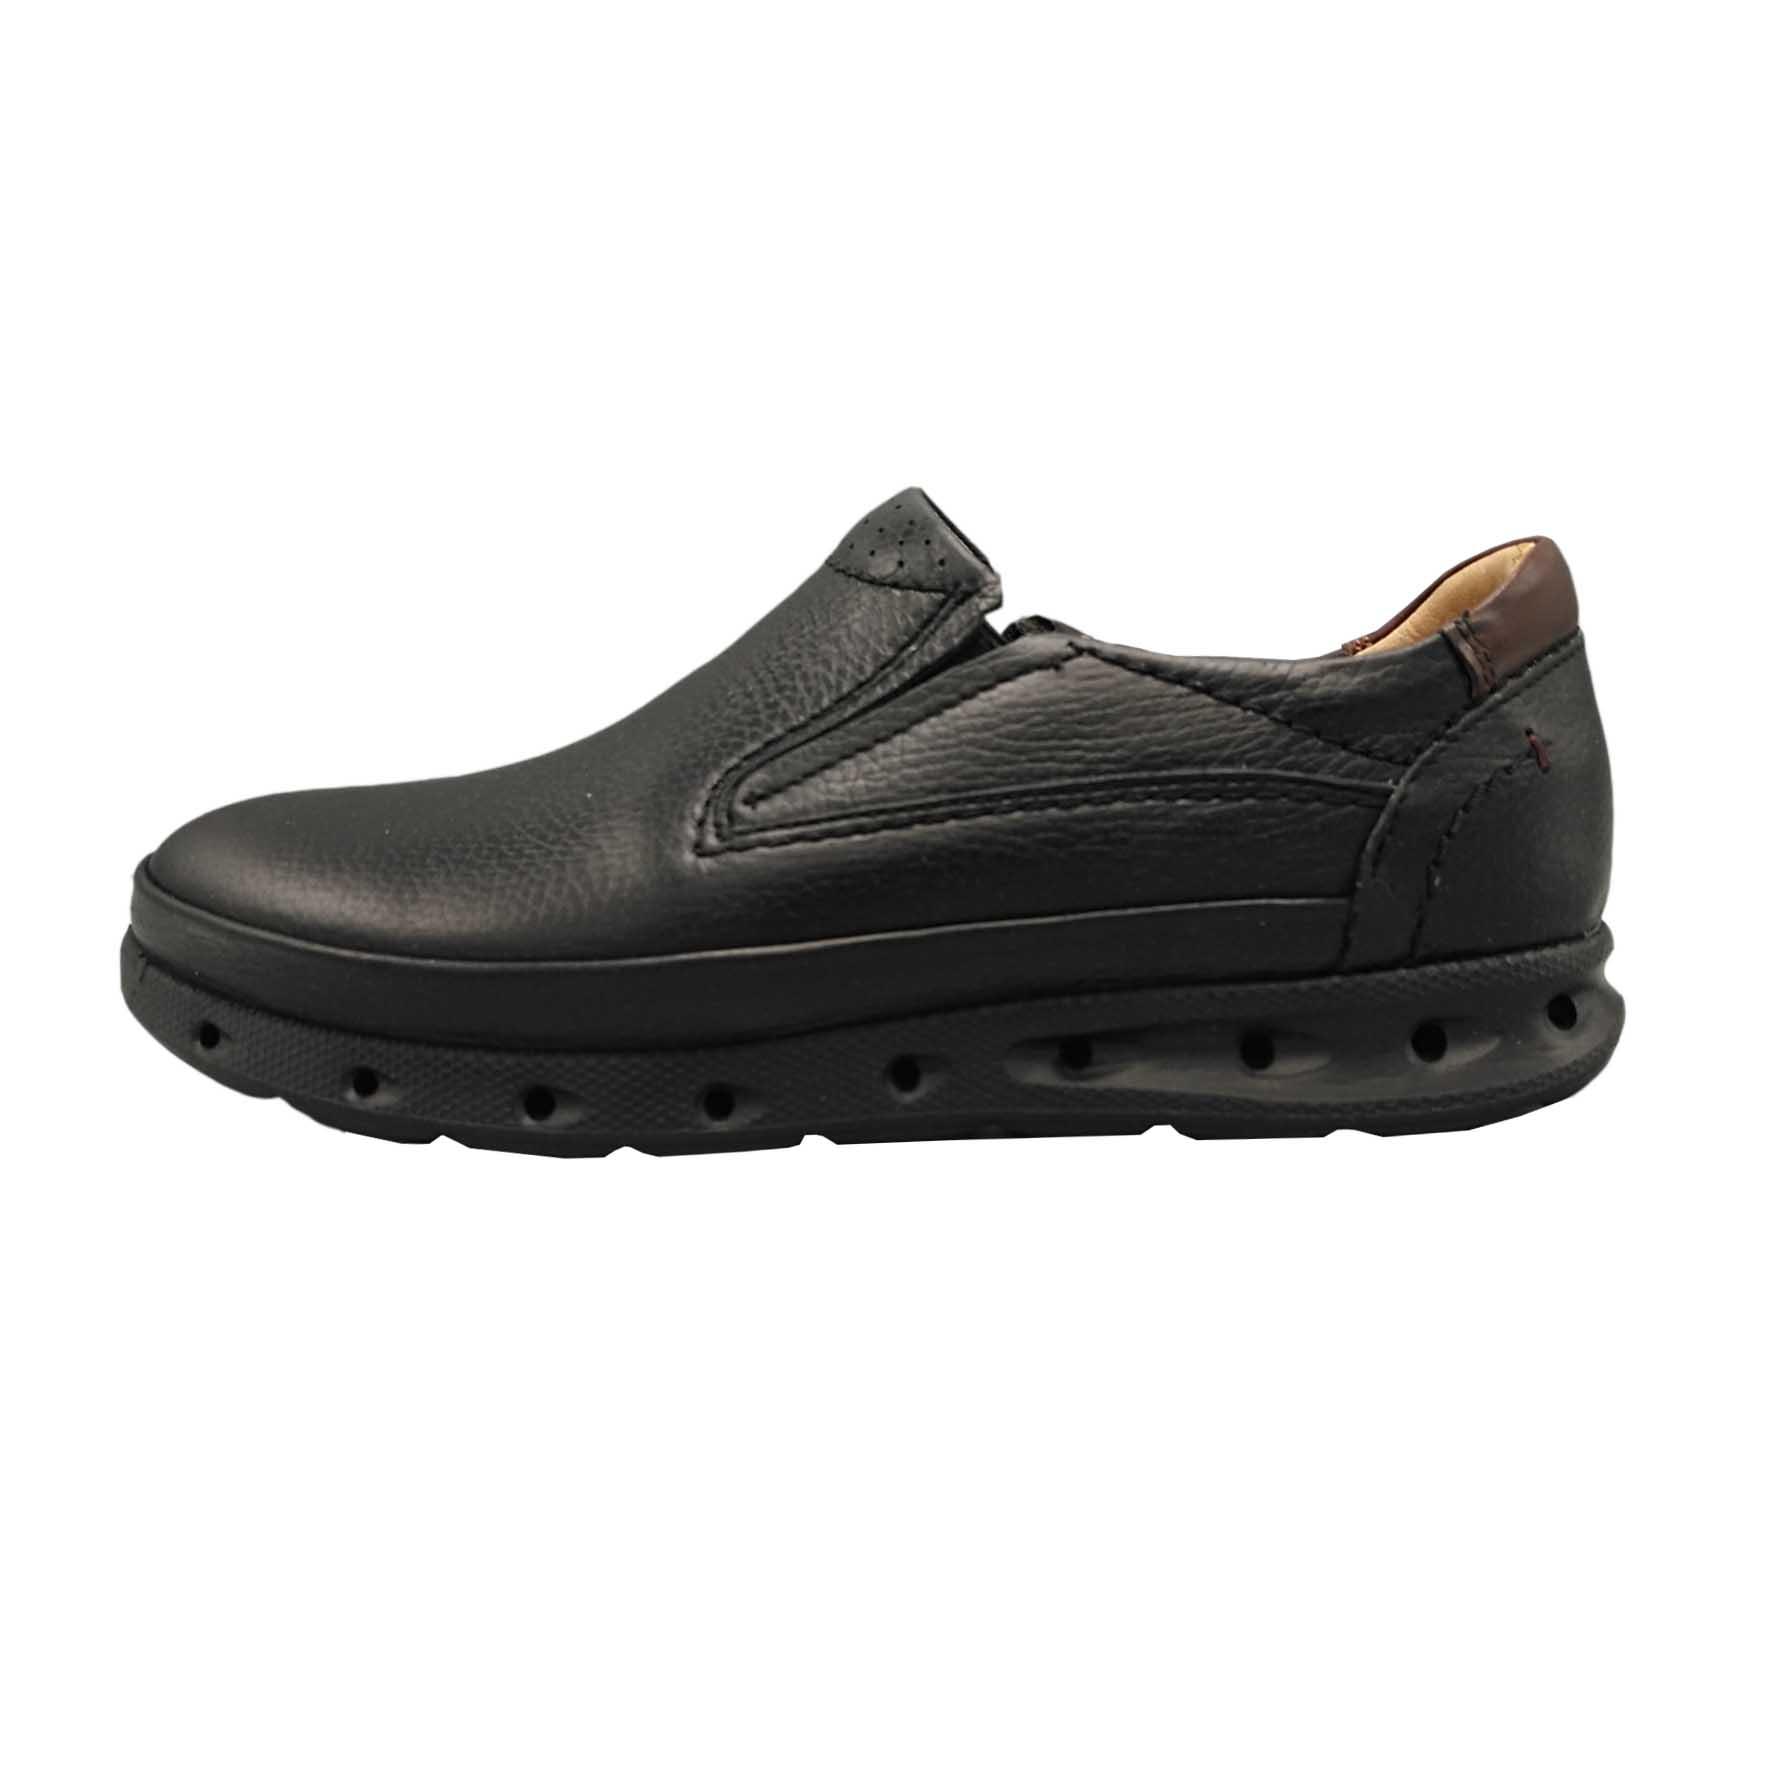 کفش روزمره مردانه هنر مدل ATIS.CO.PS کد 682             , خرید اینترنتی